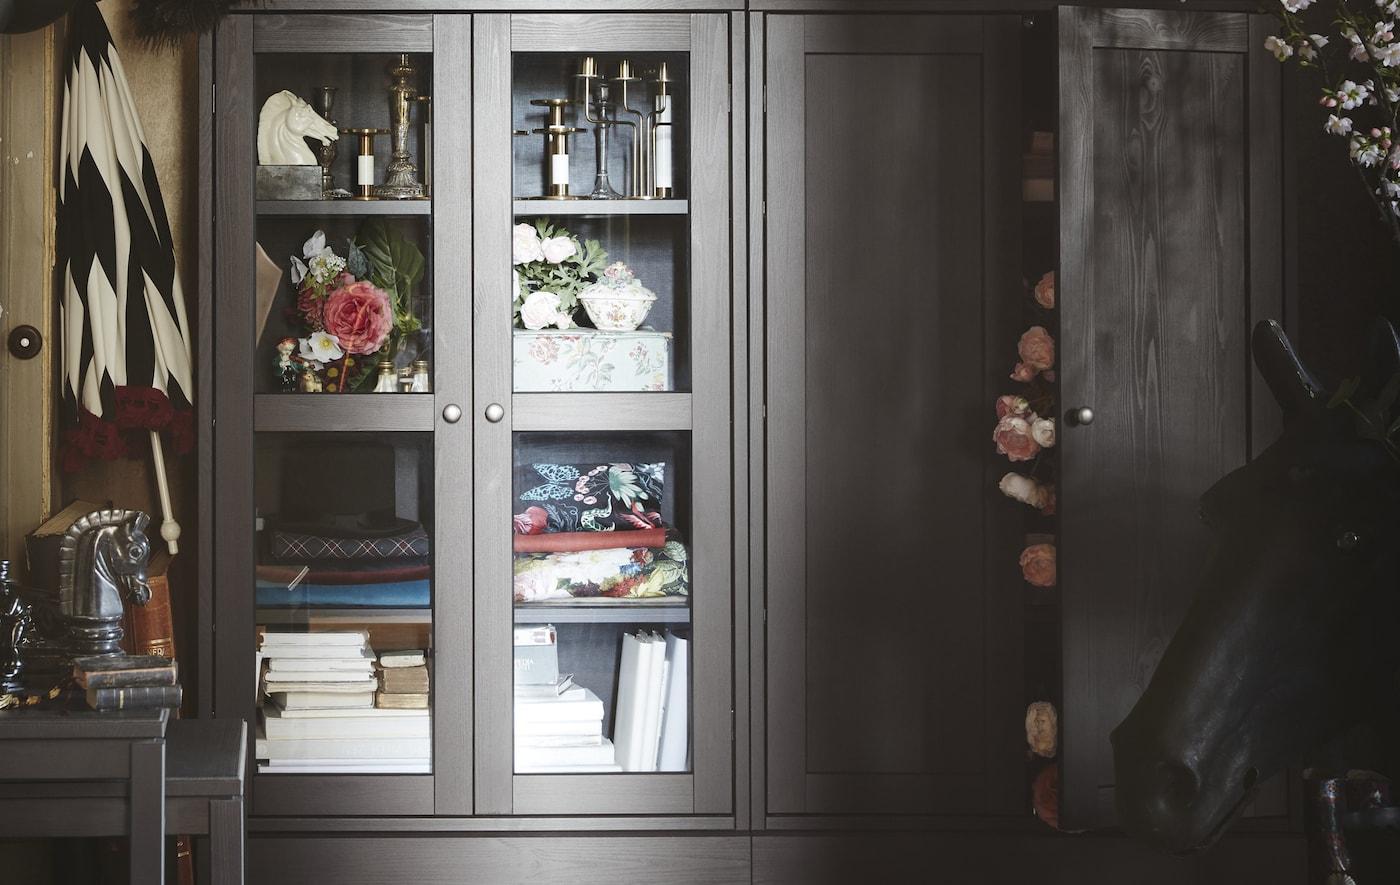 HAVSTA vitrineskab med blomster, bøger og lysestager.